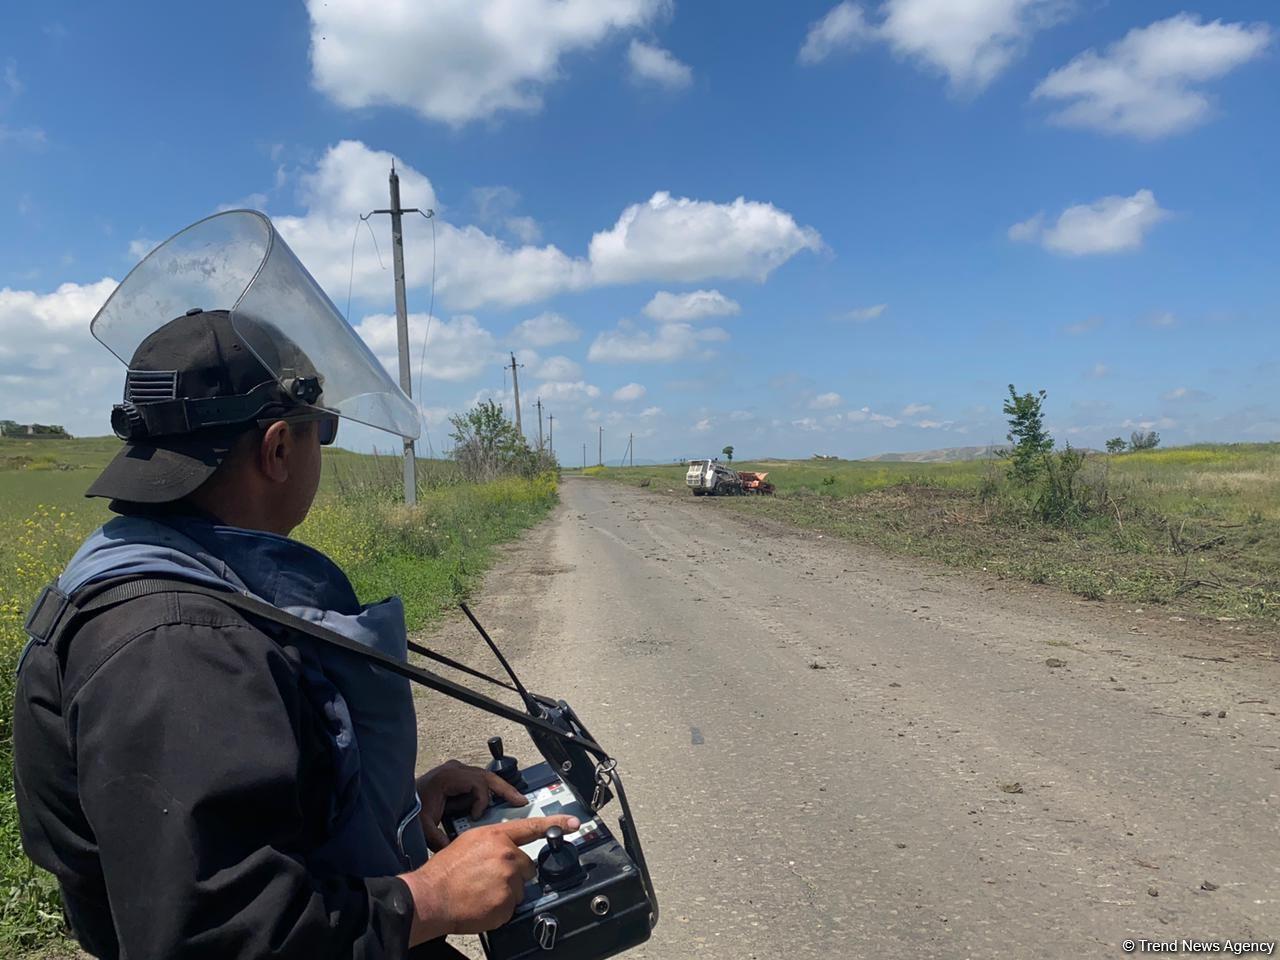 8-километровый участок автодороги Физули-Ахмедбейли очищен от мин - Агентство (ФОТО) - Gallery Image